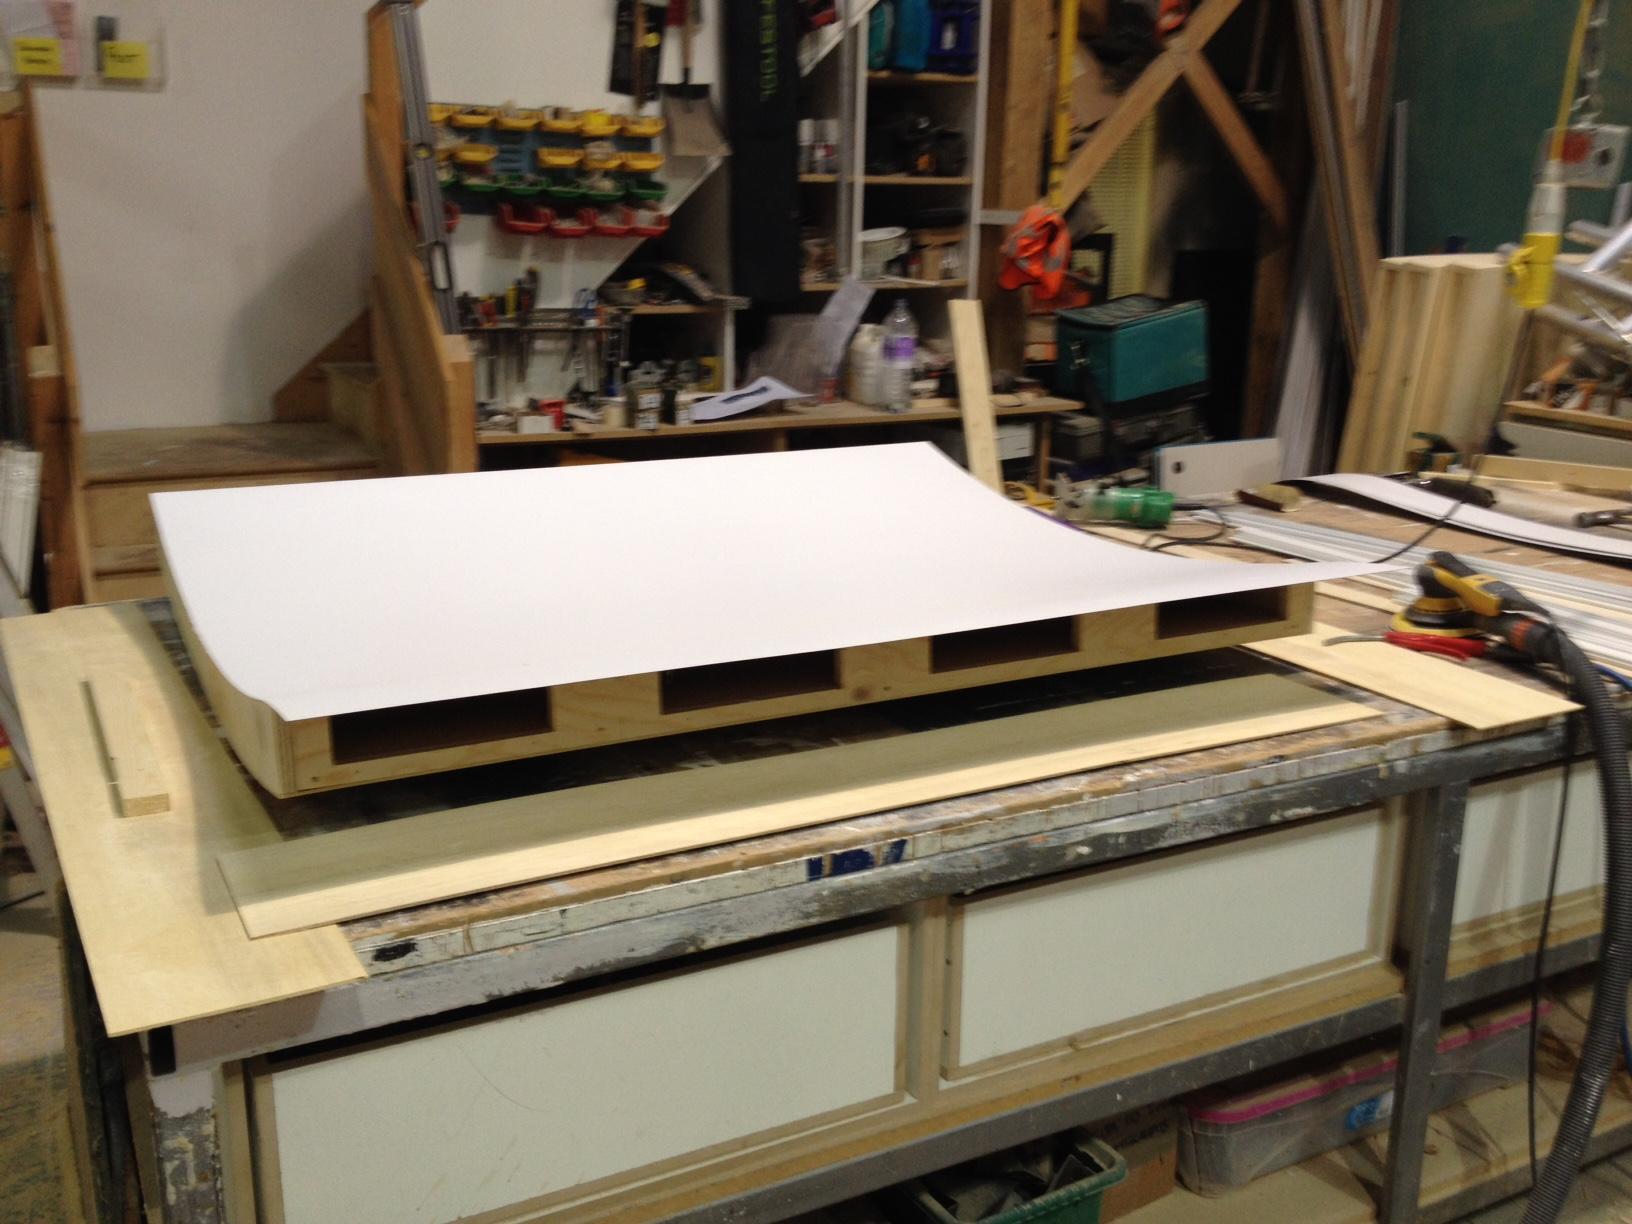 New Dimension Exhibition Stand Design : Exhibition stand construction new dimension